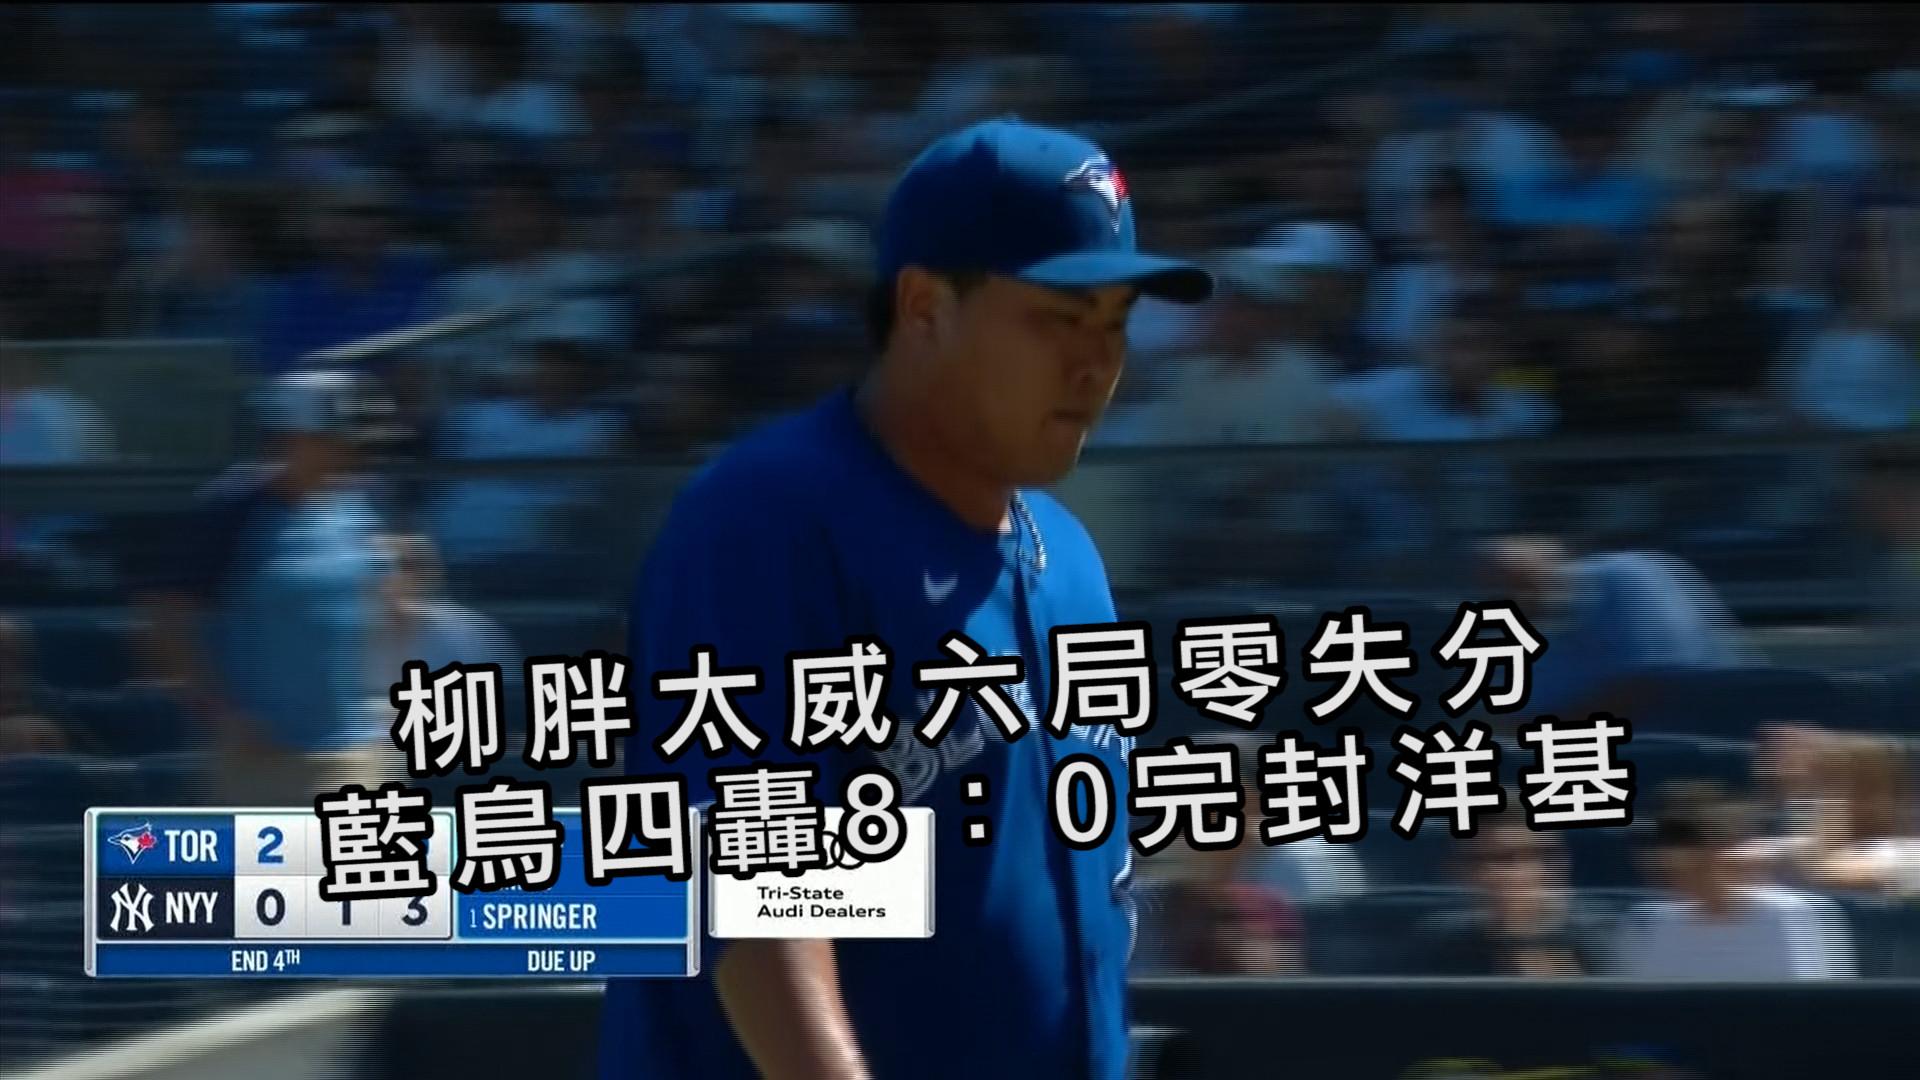 【MLB看愛爾達】4轟助威柳胖6局0失分 藍鳥完封洋基 09/07